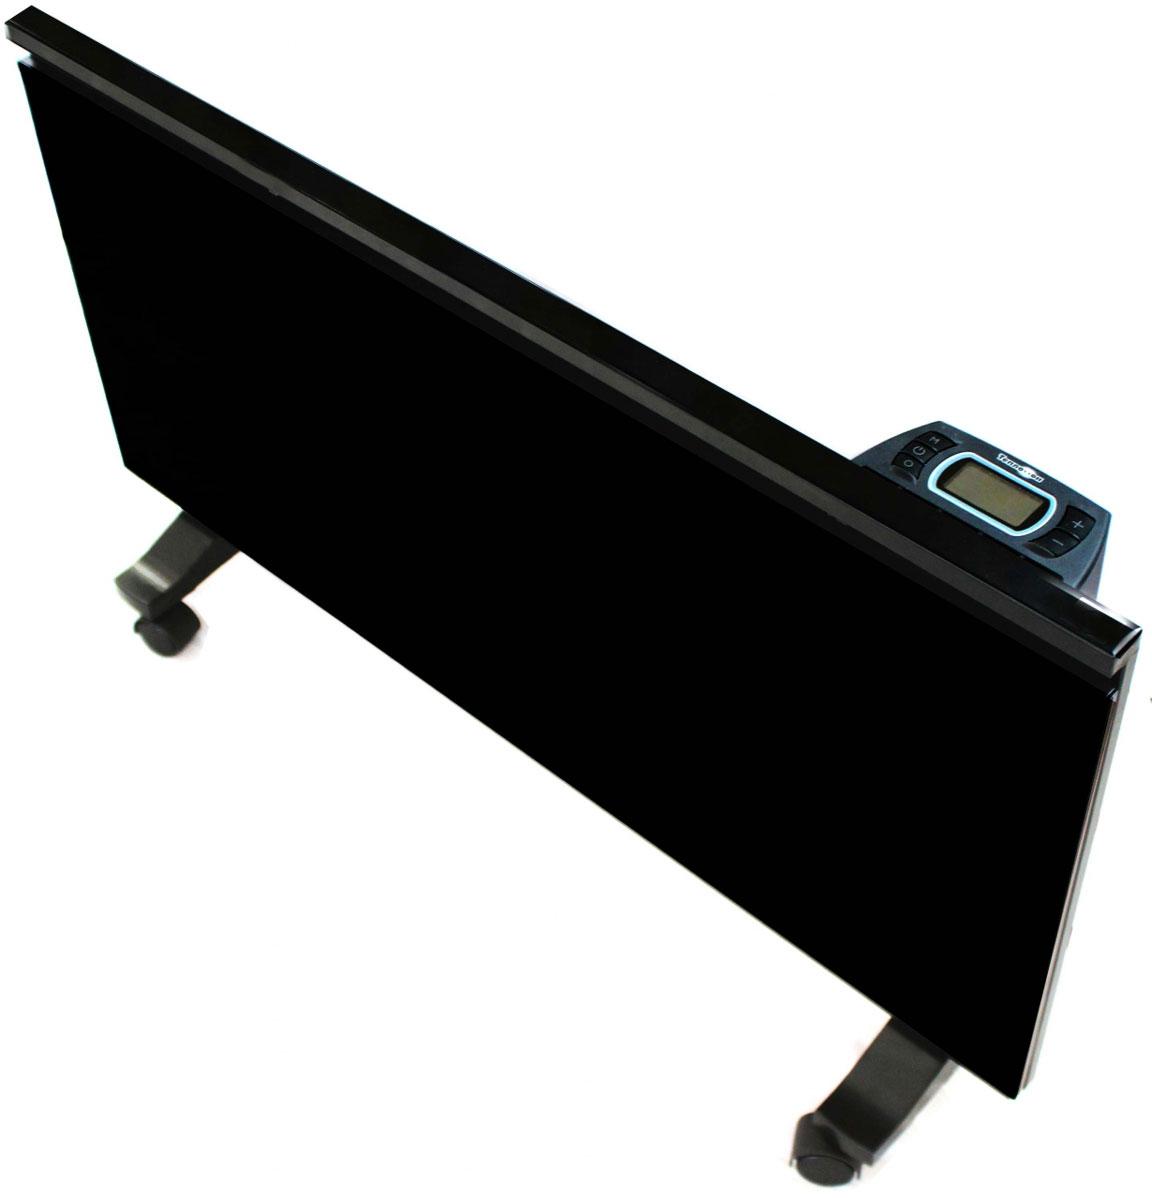 лучшая цена Теплофон Binar-1500, Black электрообогреватель